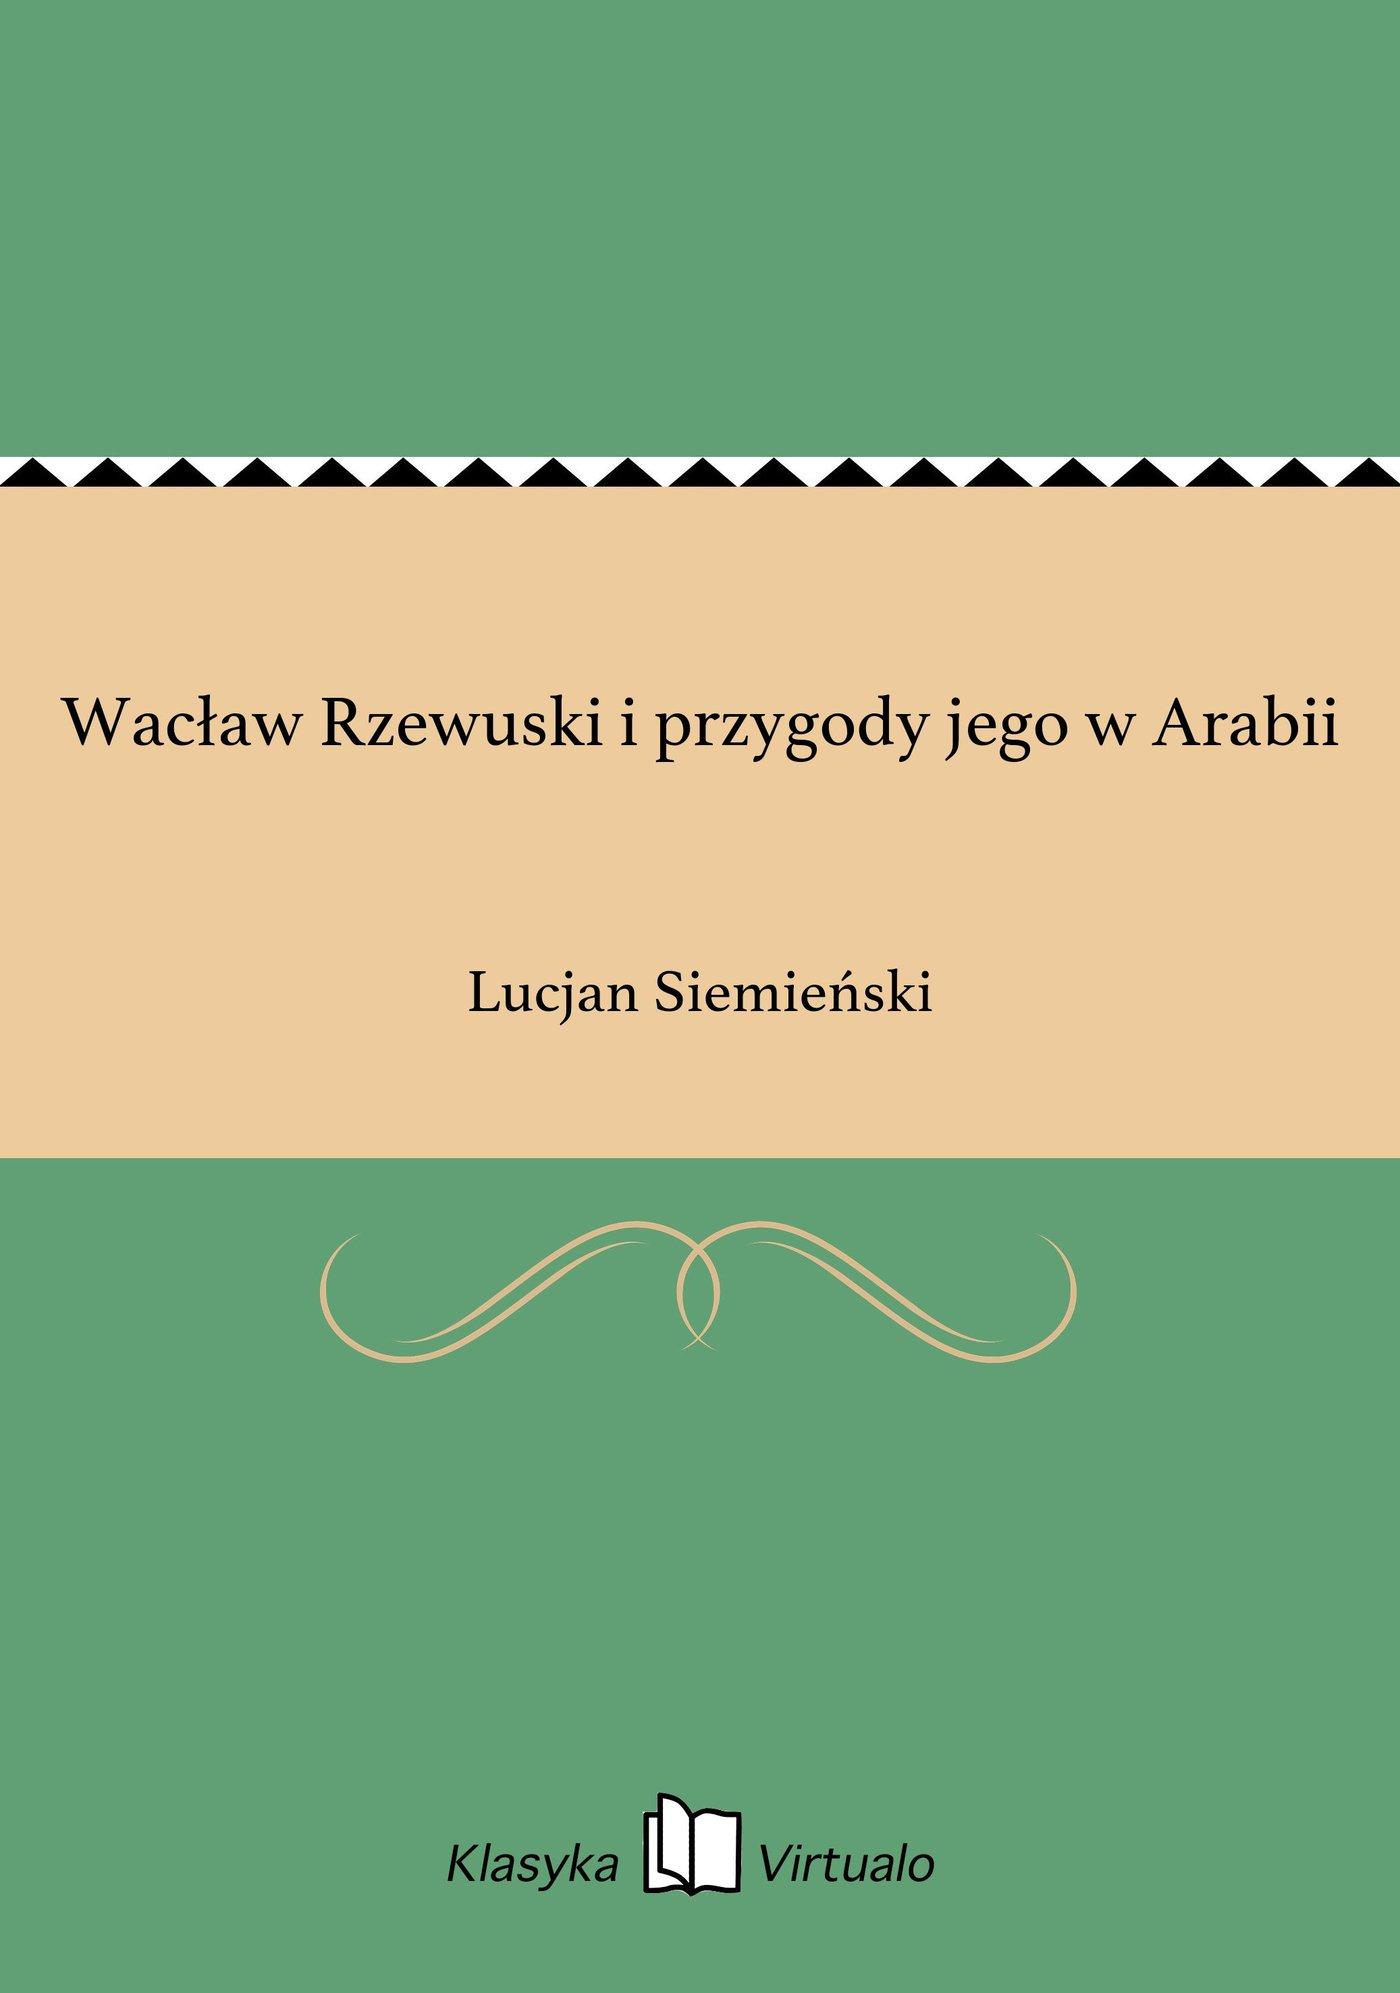 Wacław Rzewuski i przygody jego w Arabii - Ebook (Książka EPUB) do pobrania w formacie EPUB